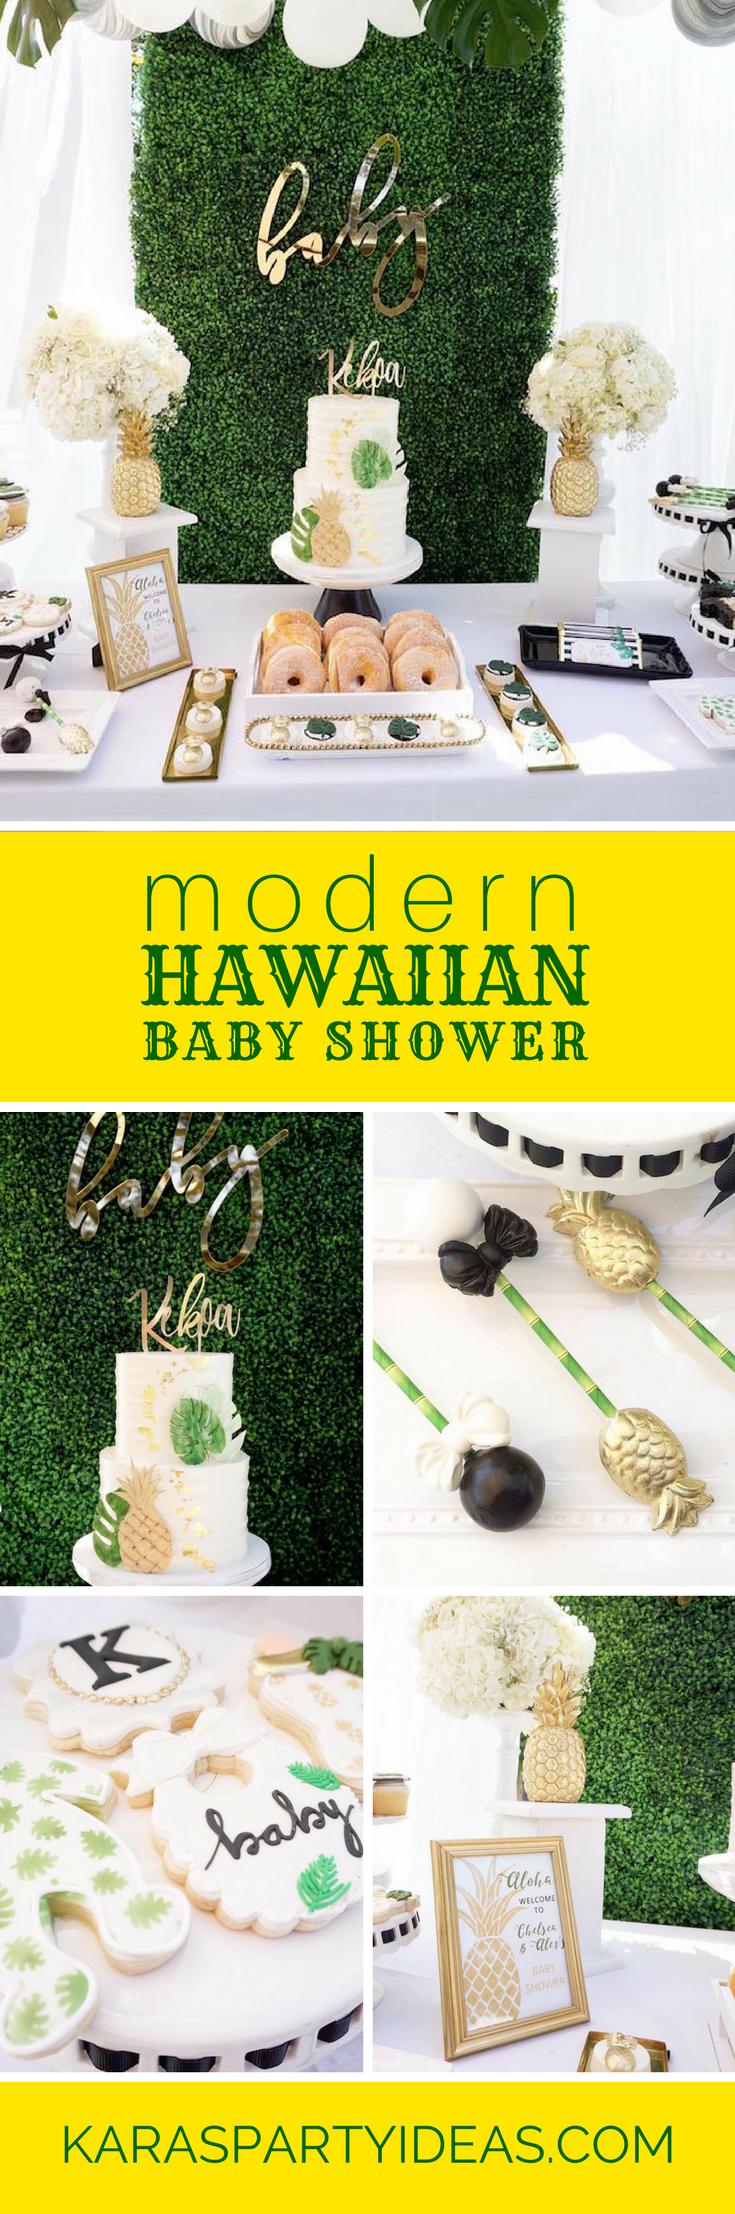 Modern Hawaiian Baby Shower